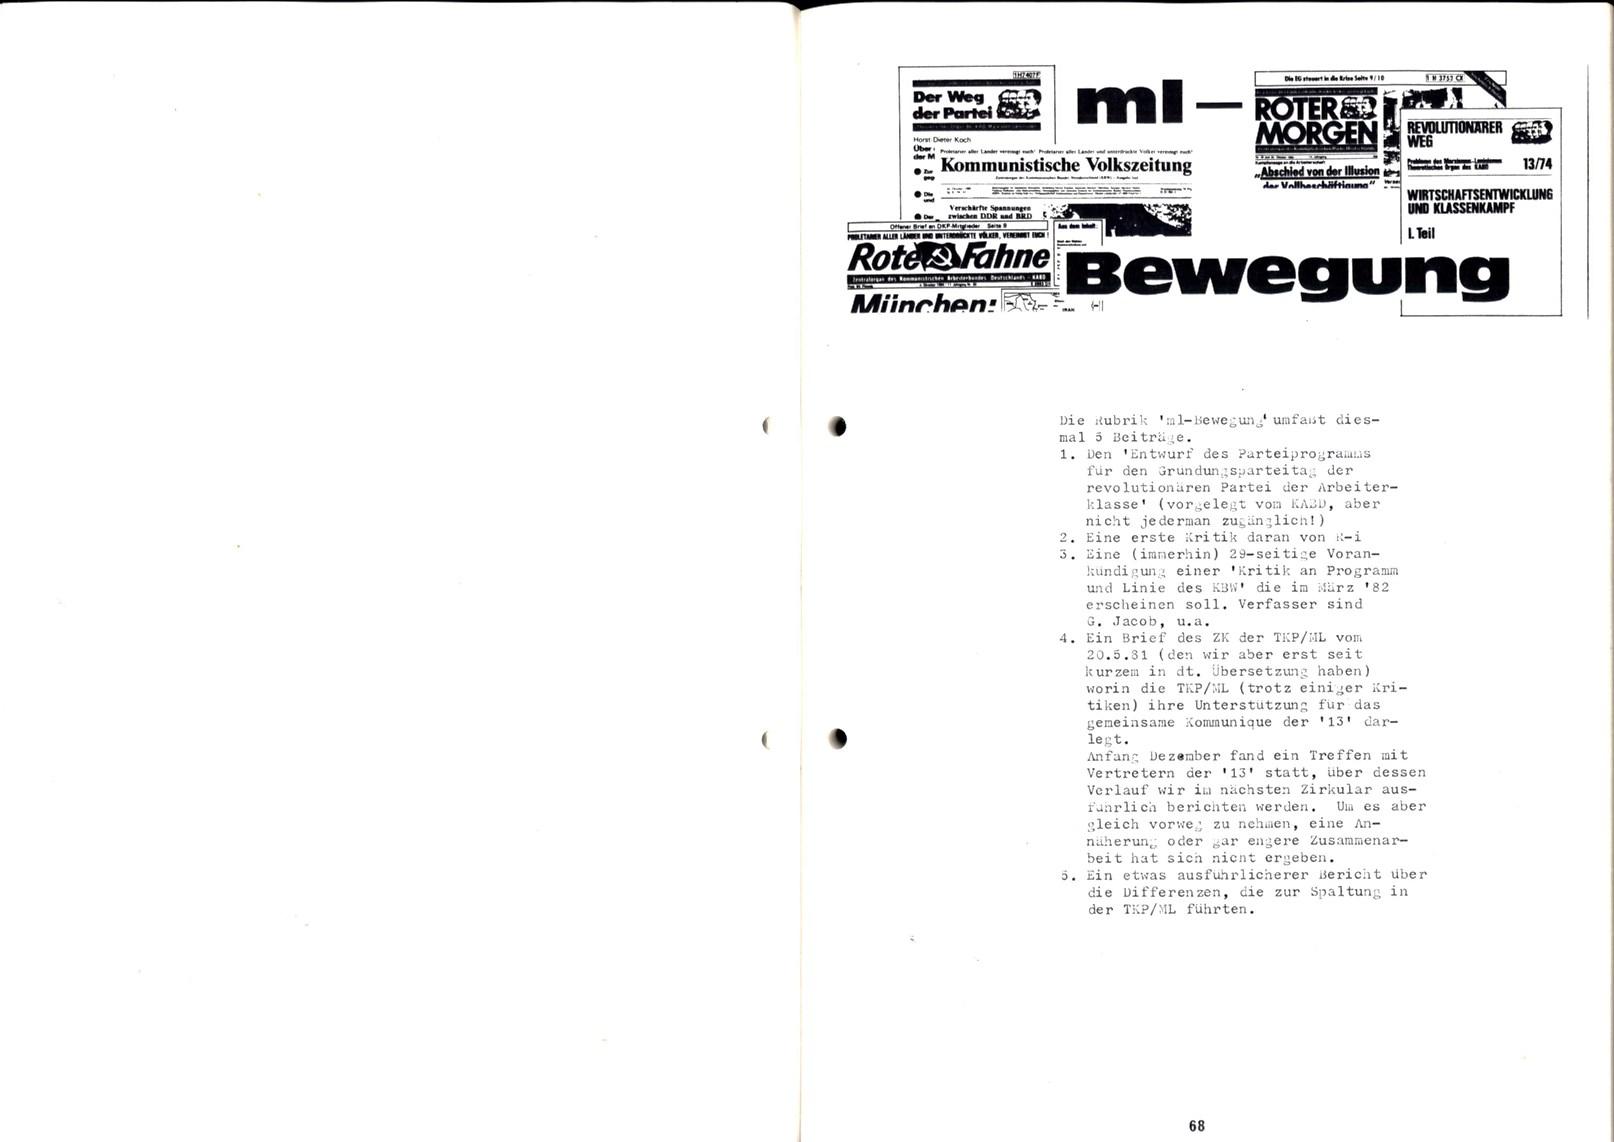 Ulm_KKU_19820118_007_069